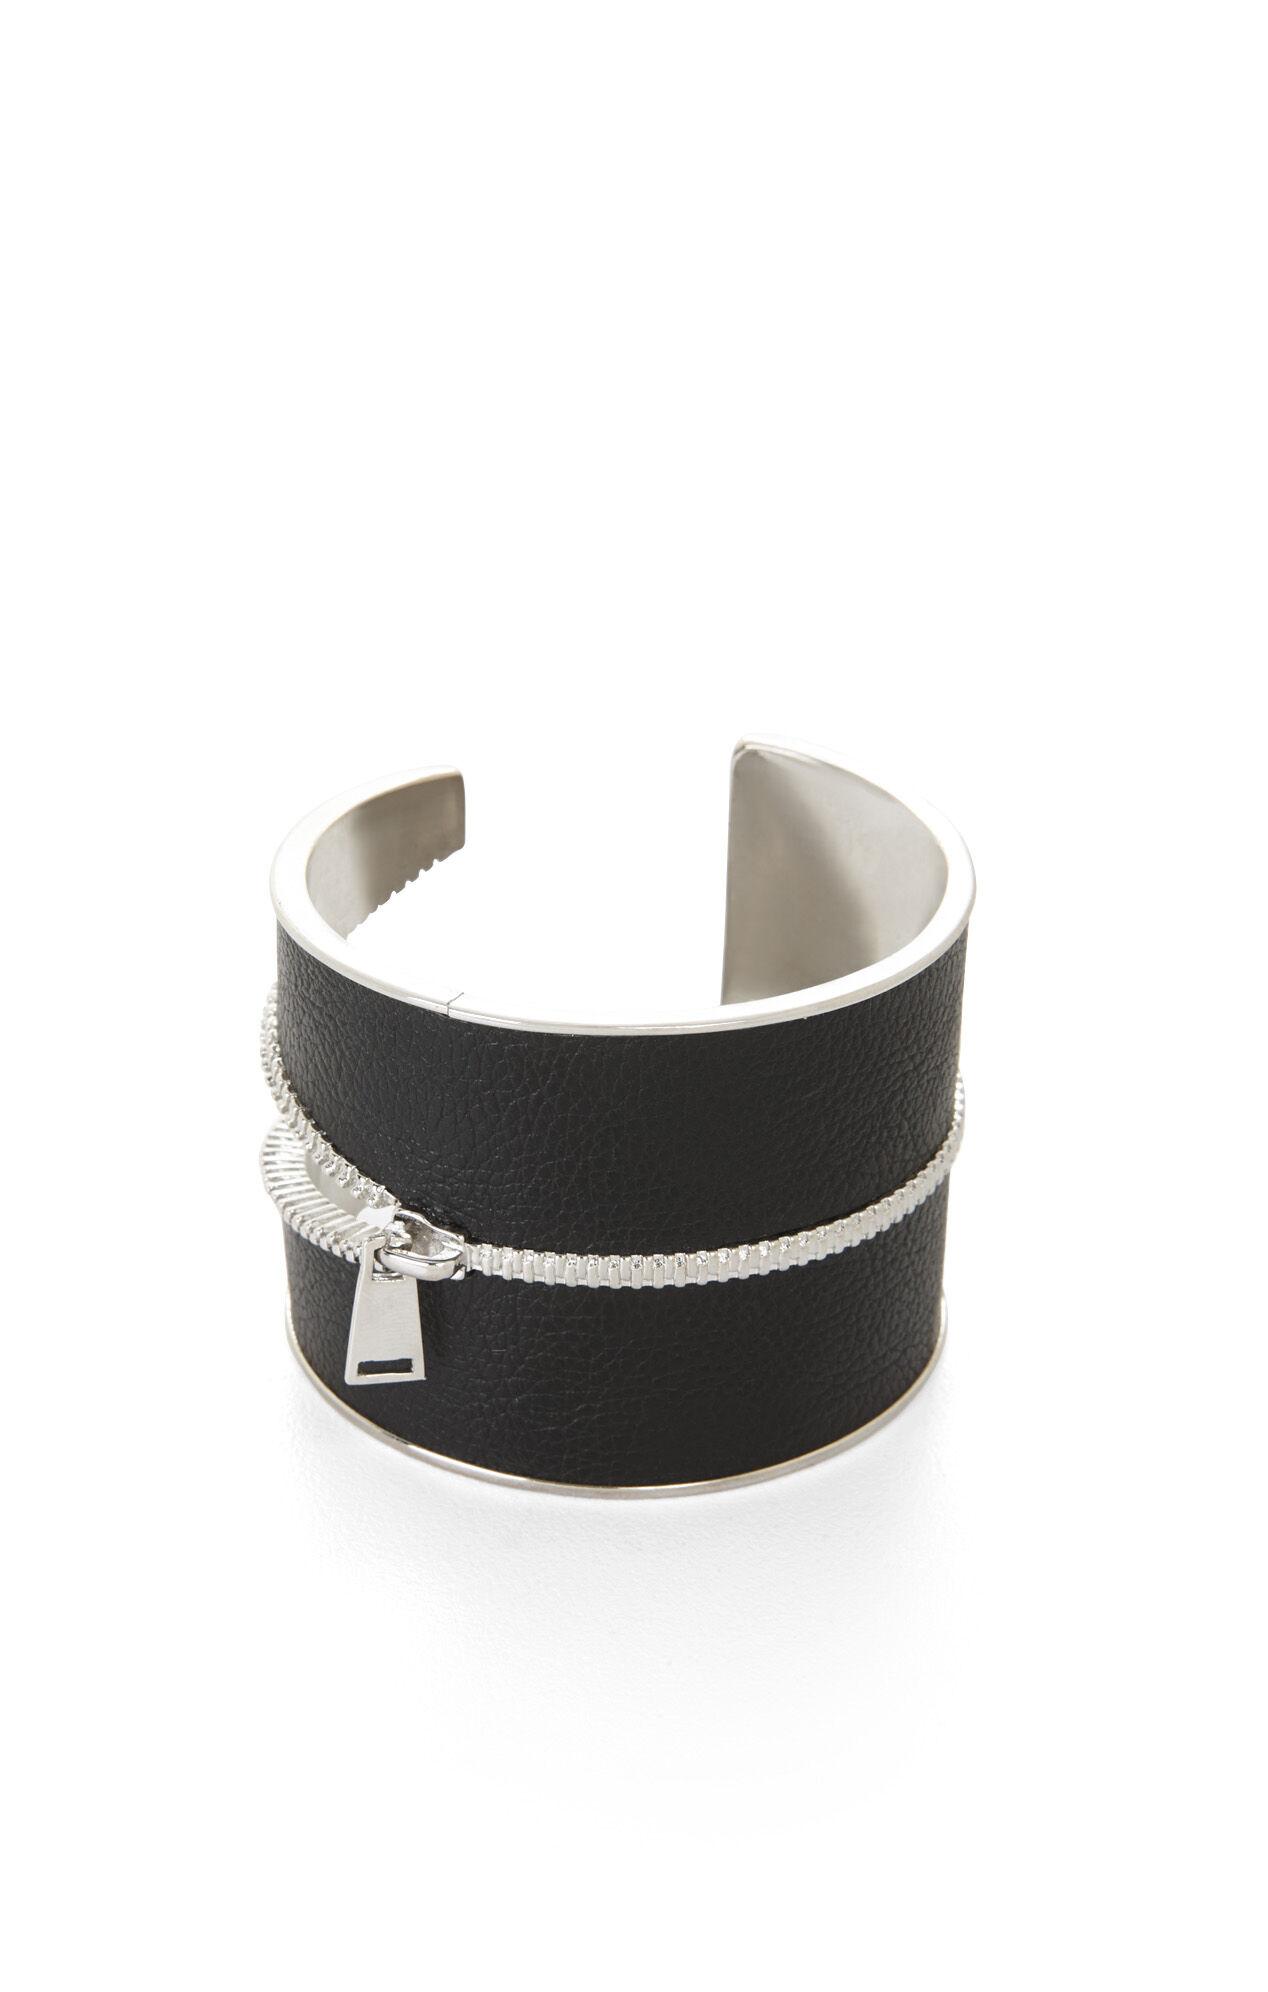 Inlay Zipper Cuff